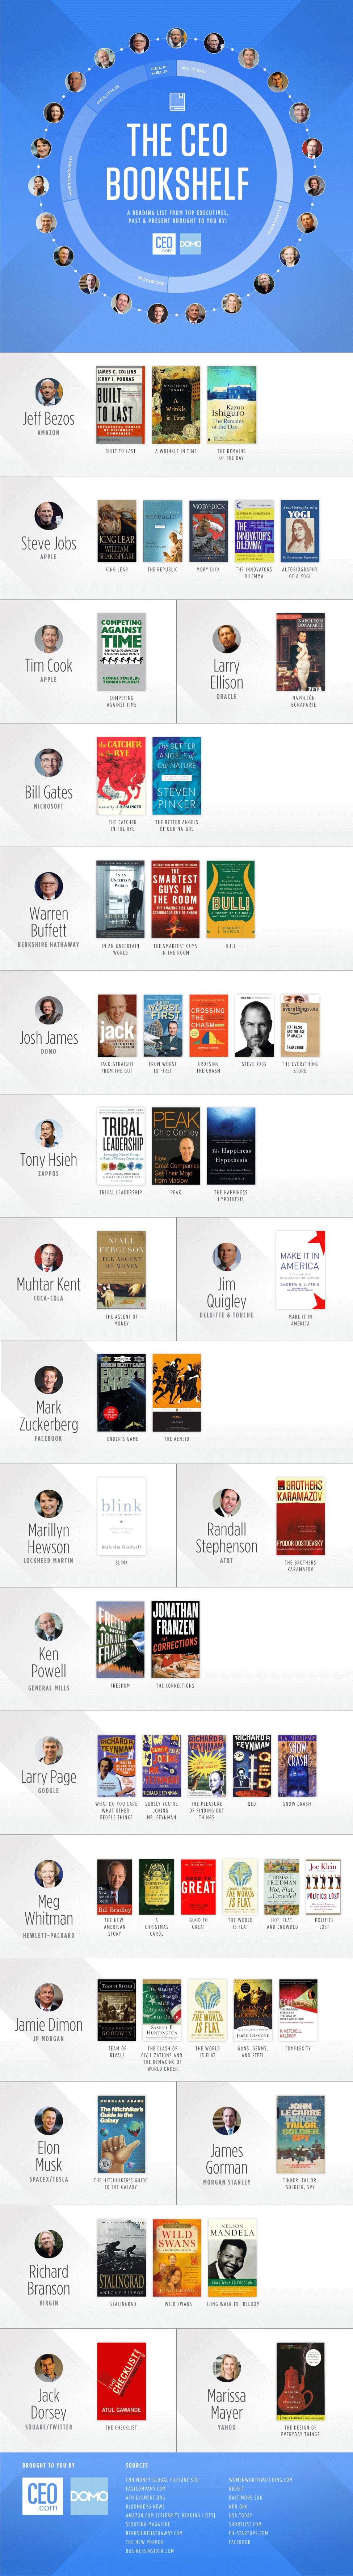 CEO books